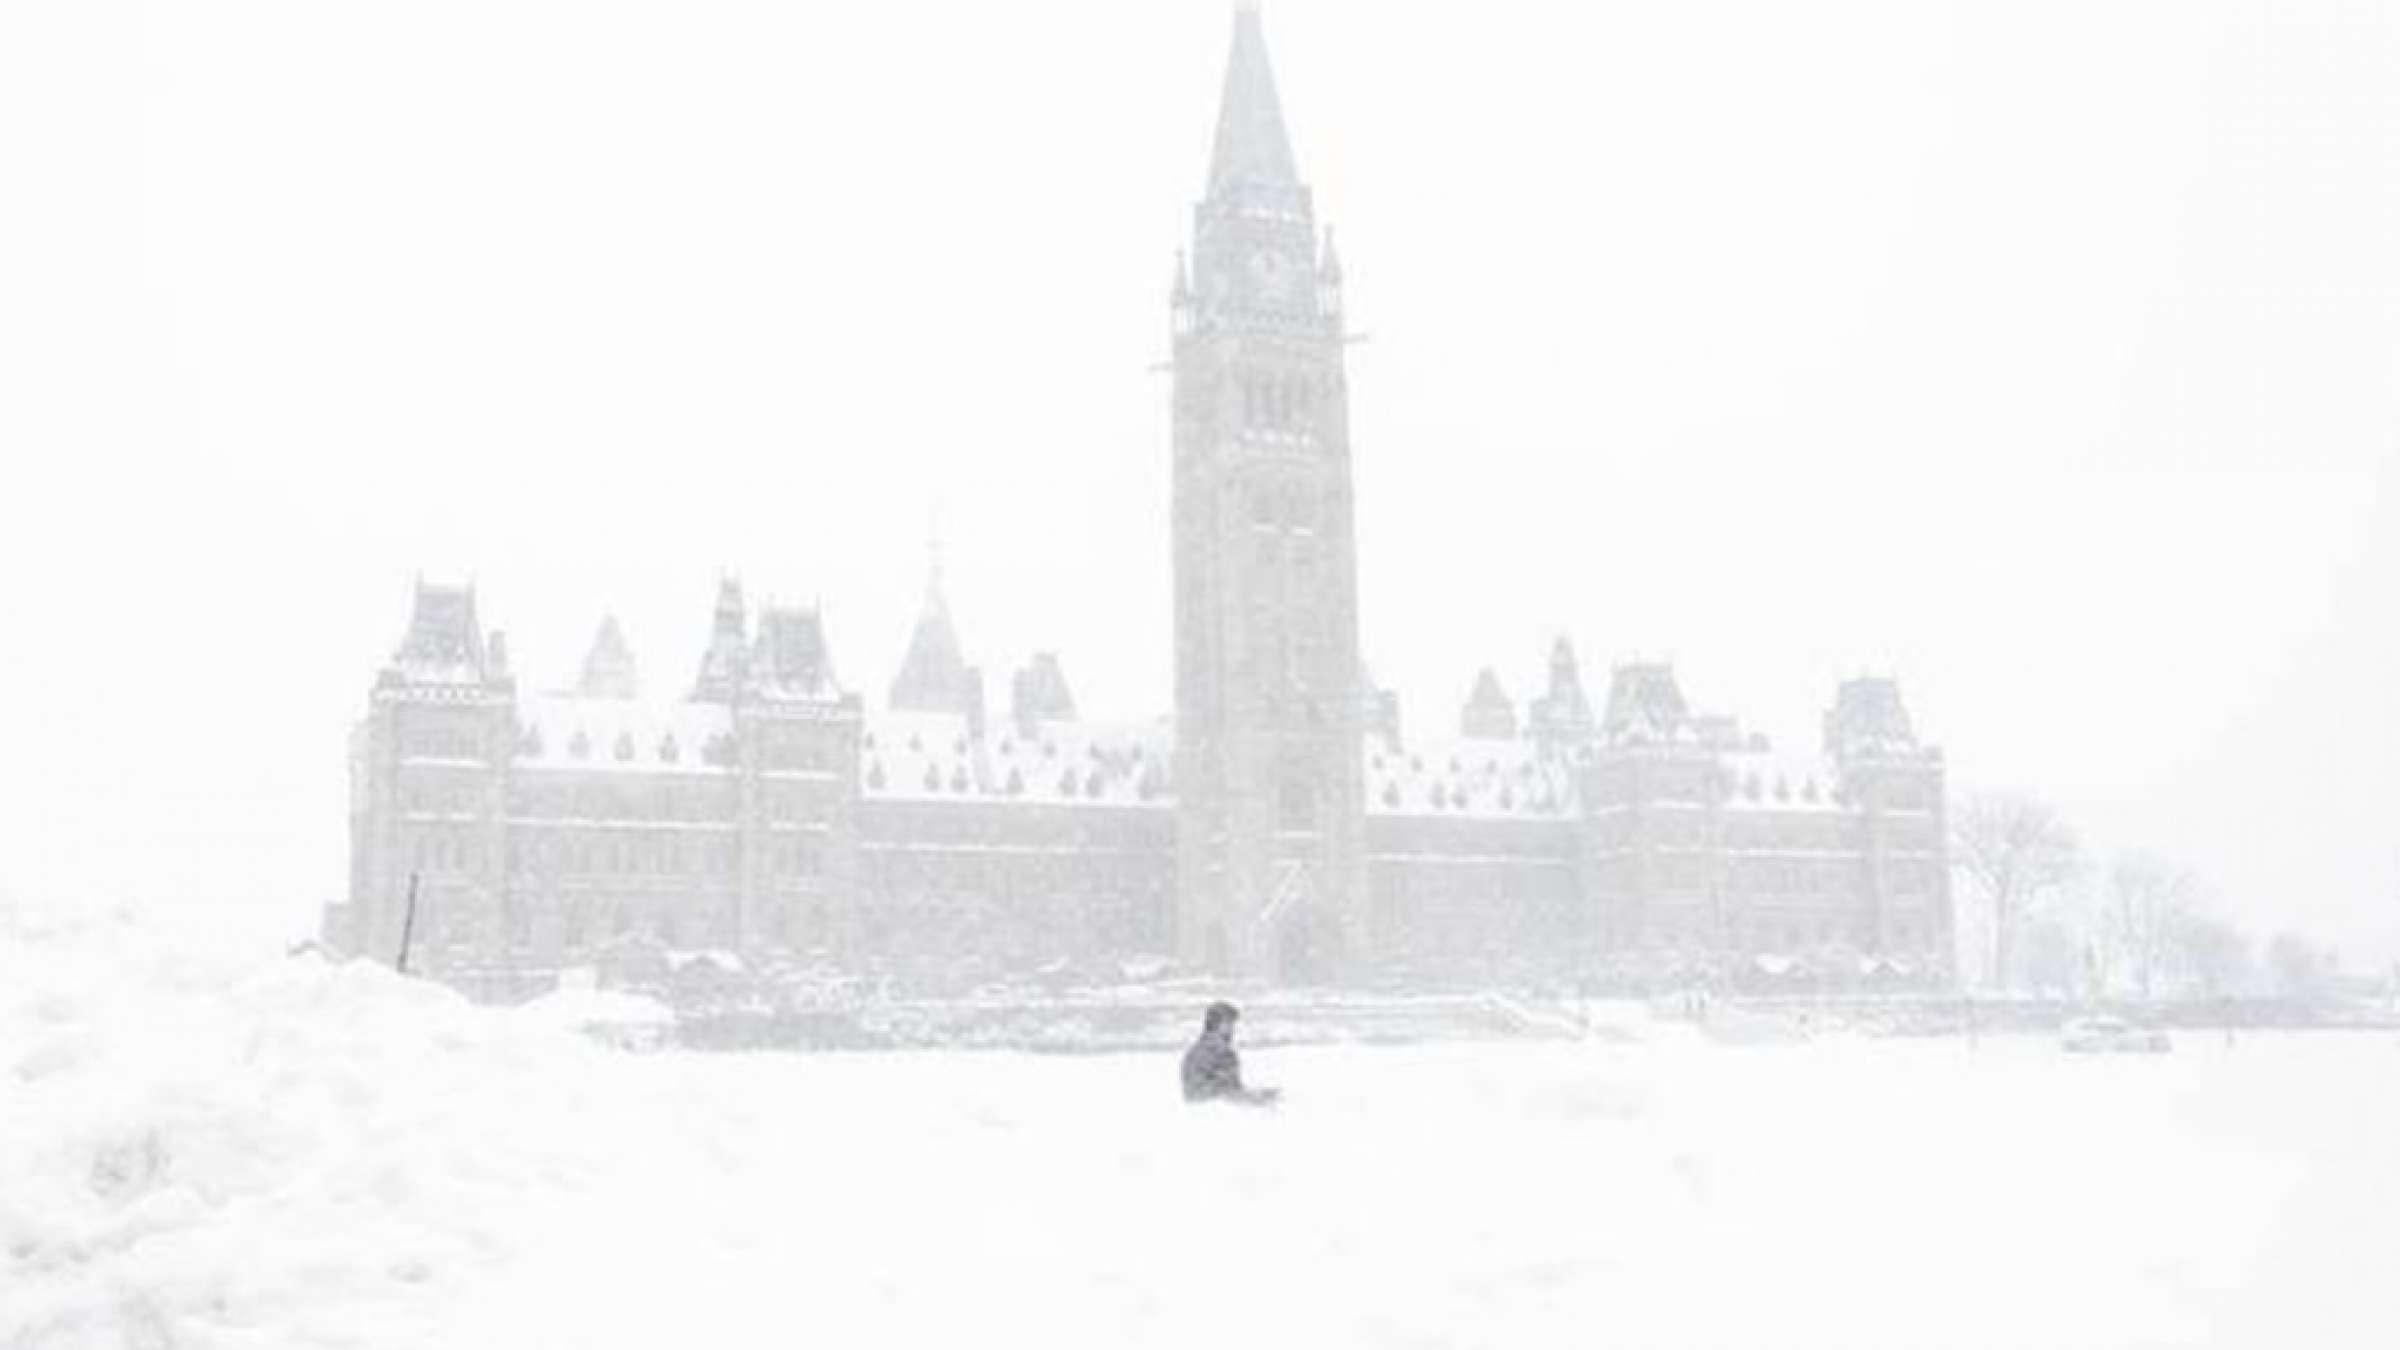 اخبار-کانادا-منتظر-طوفان-برف-امسال-باشید